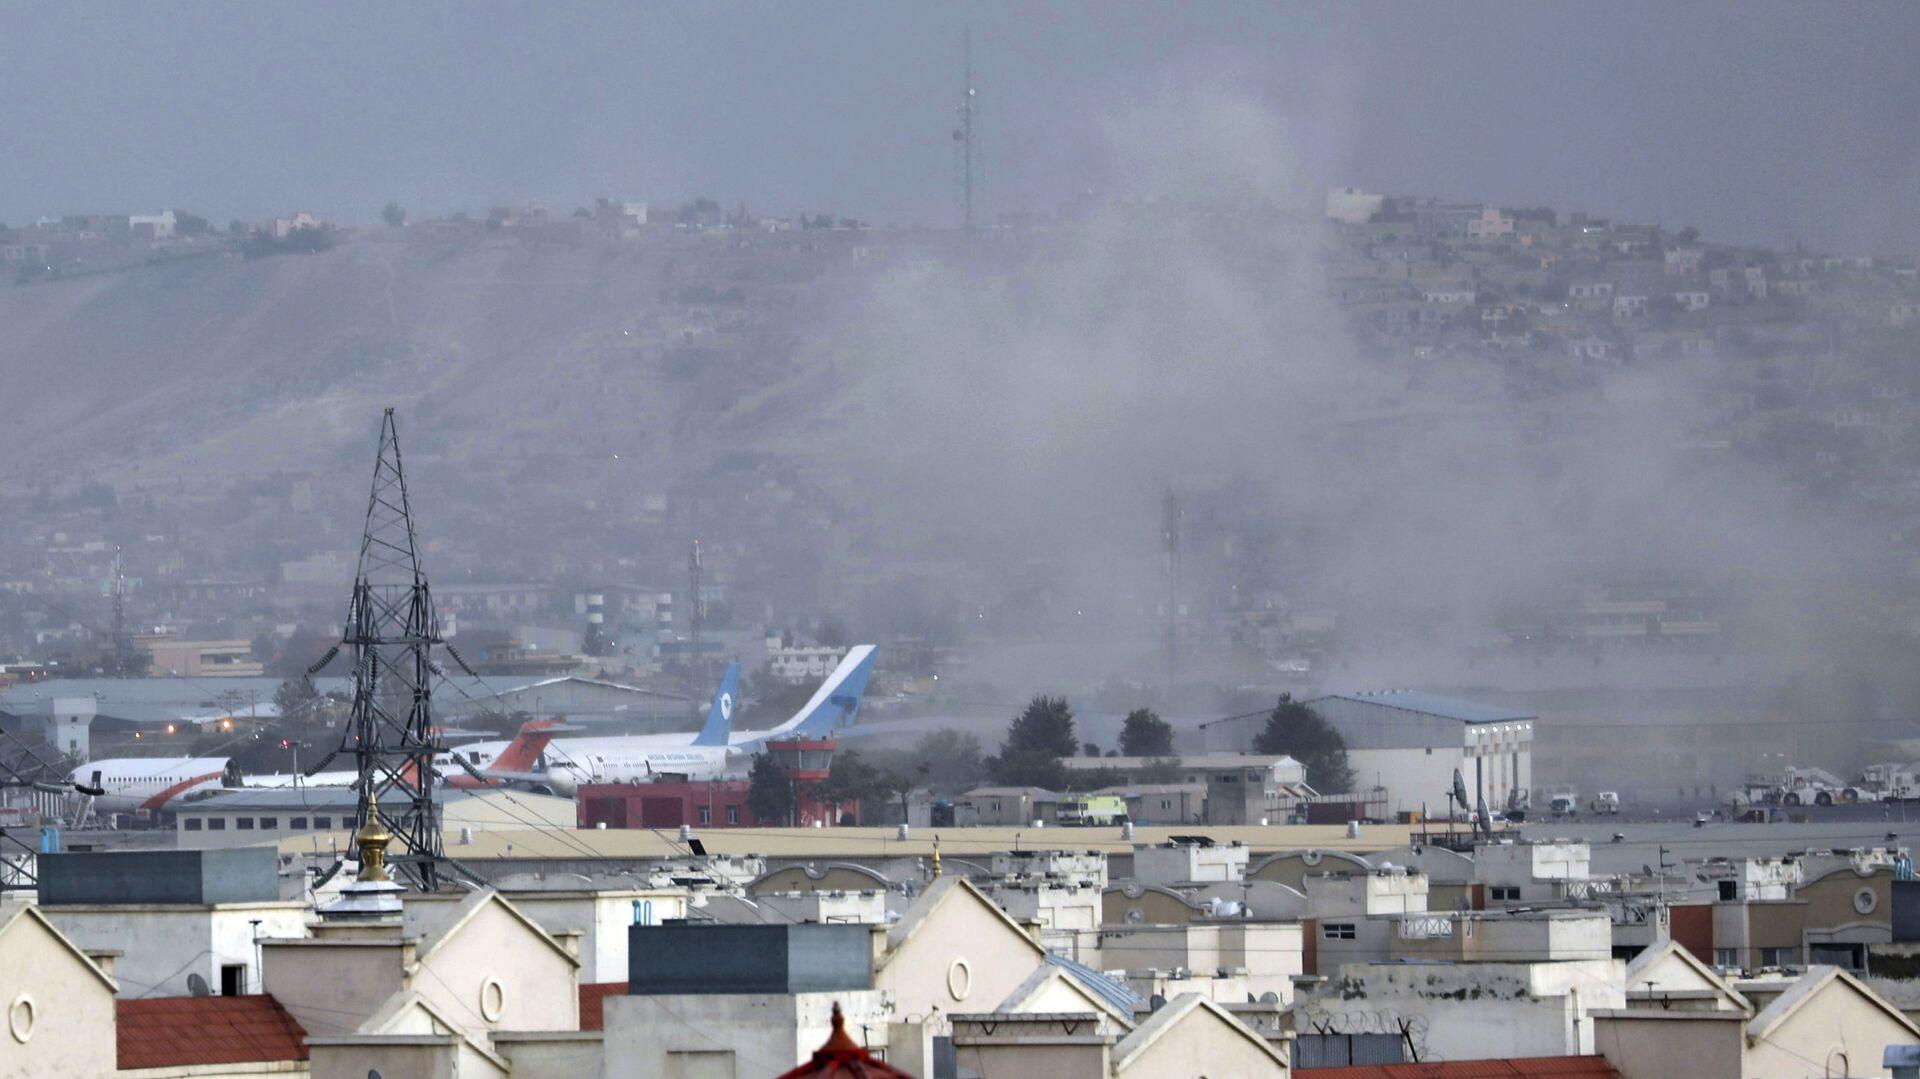 Dim nakon eksplozije na aerodromu u Kabulu - Sputnik Srbija, 1920, 27.08.2021